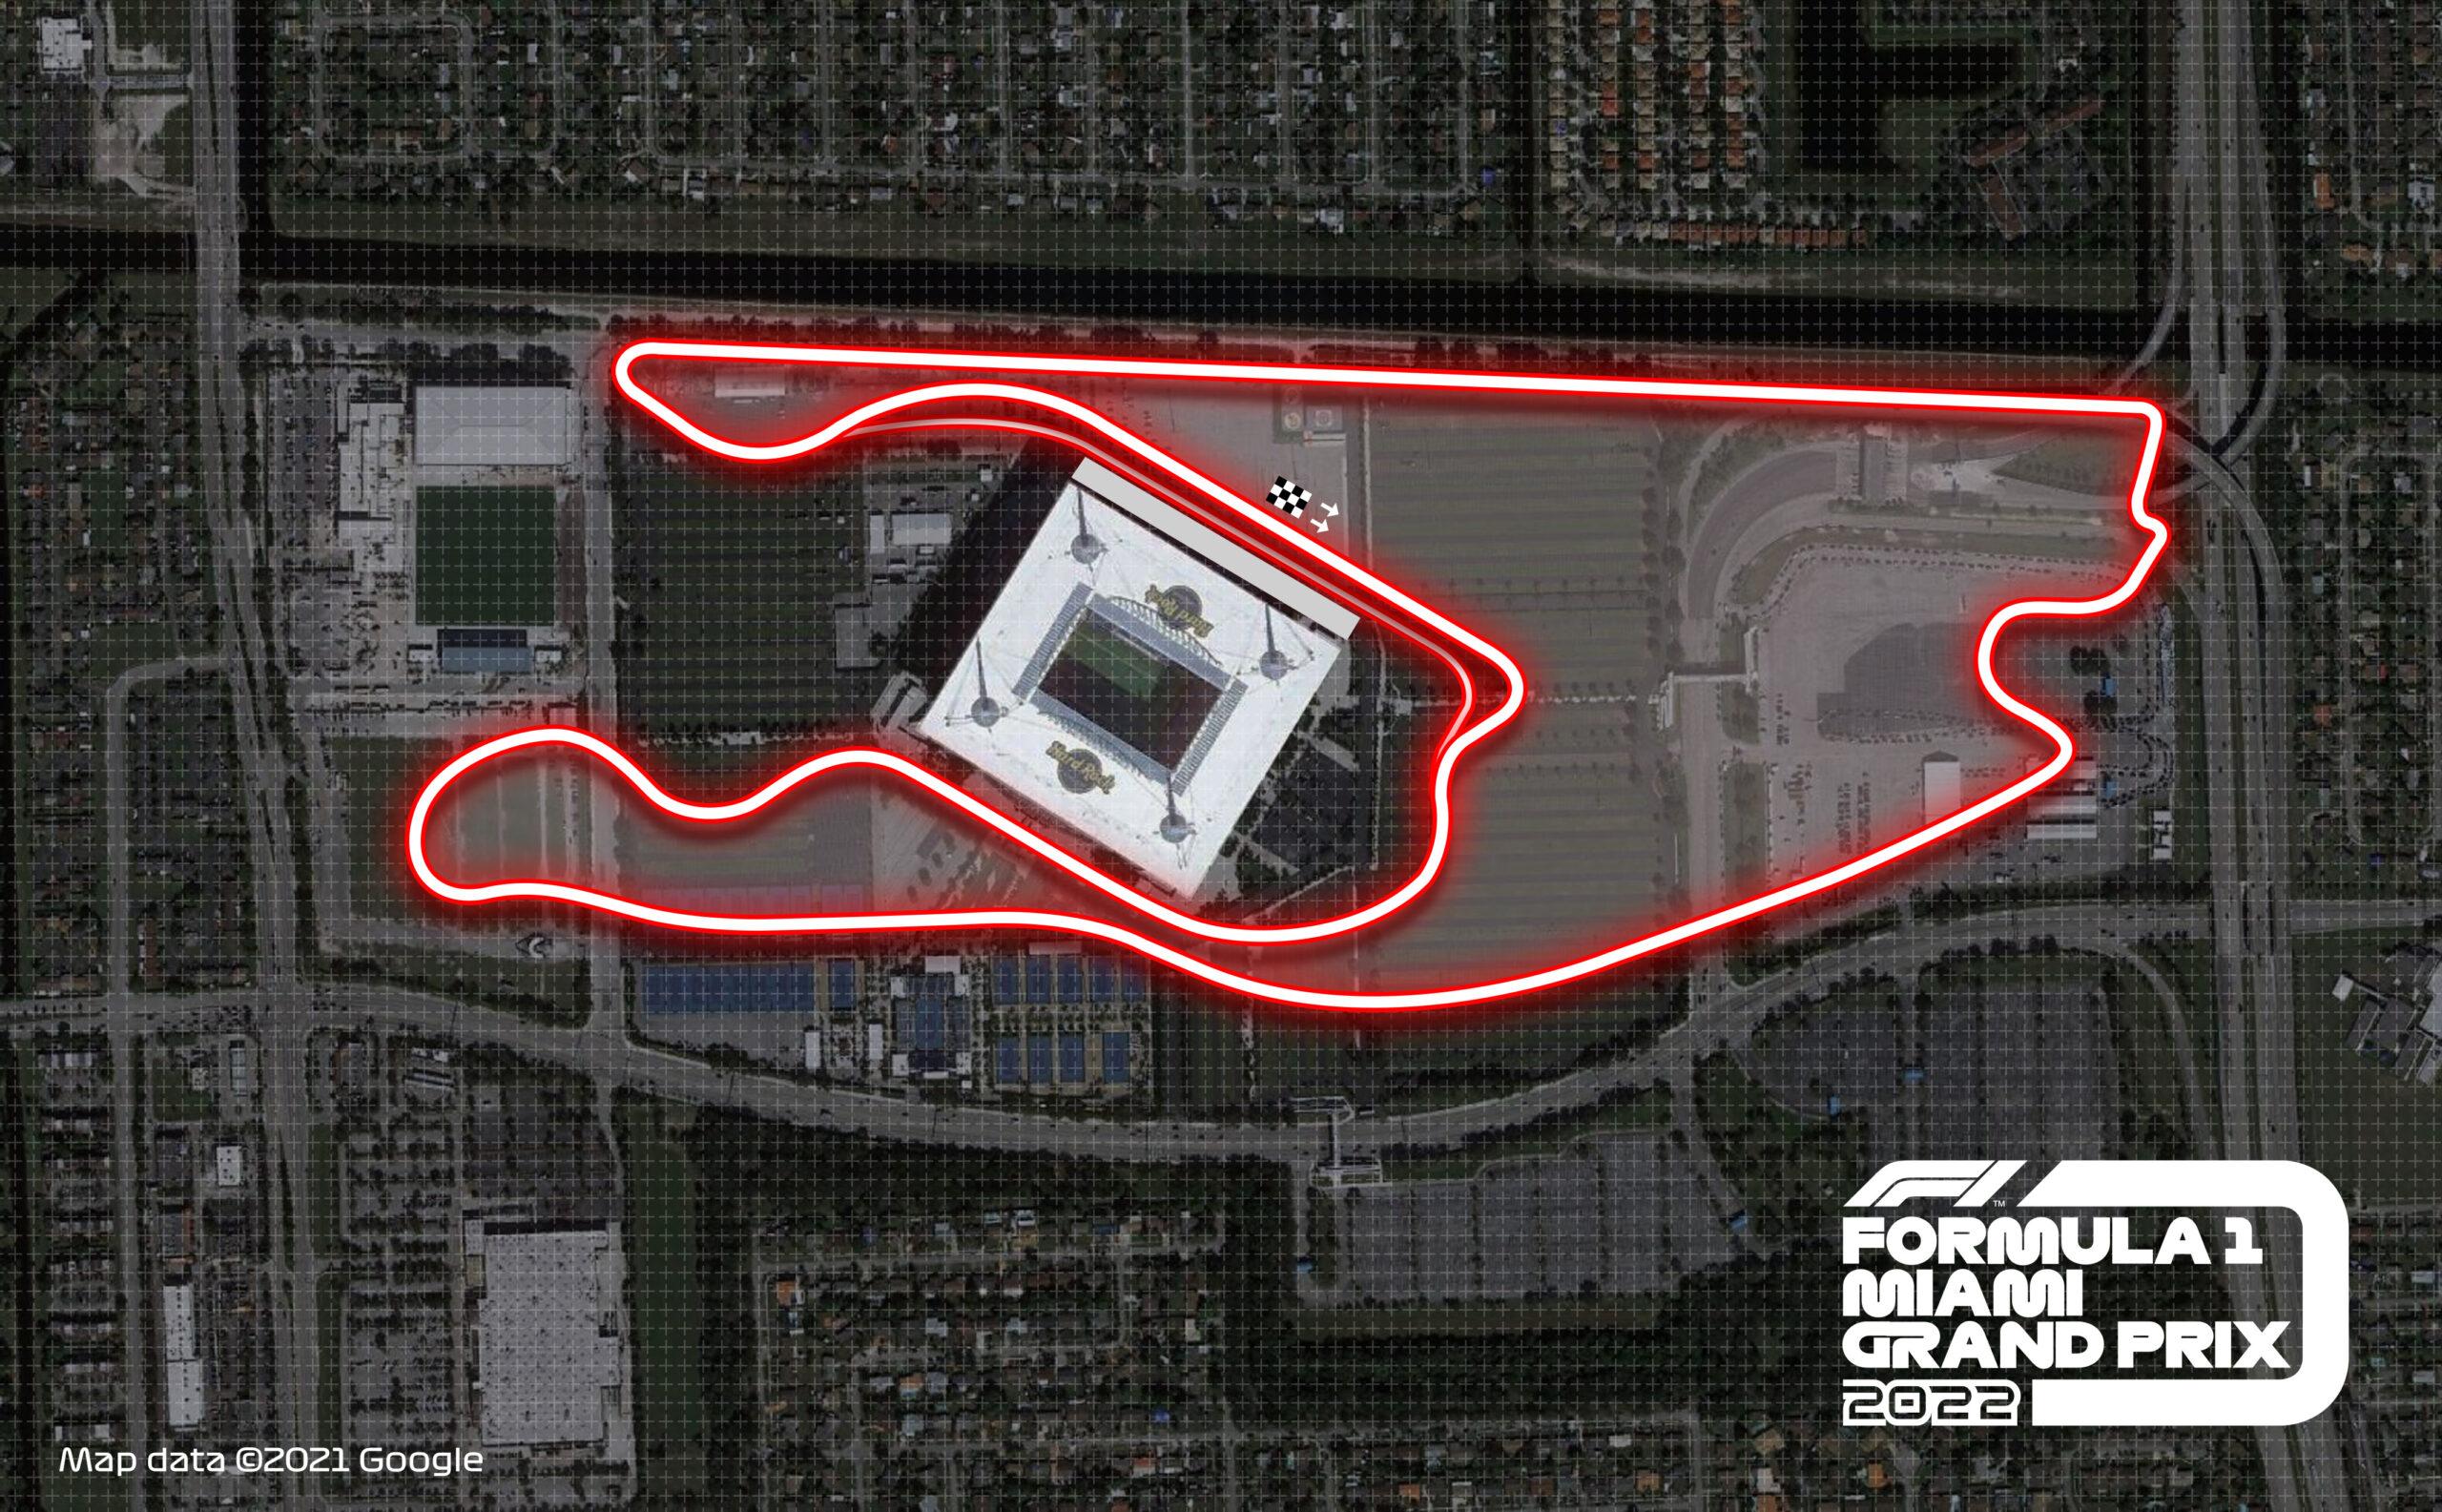 Calendrier F1 2022 F1   Officiel : Miami inscrit au calendrier de la F1 en 2022